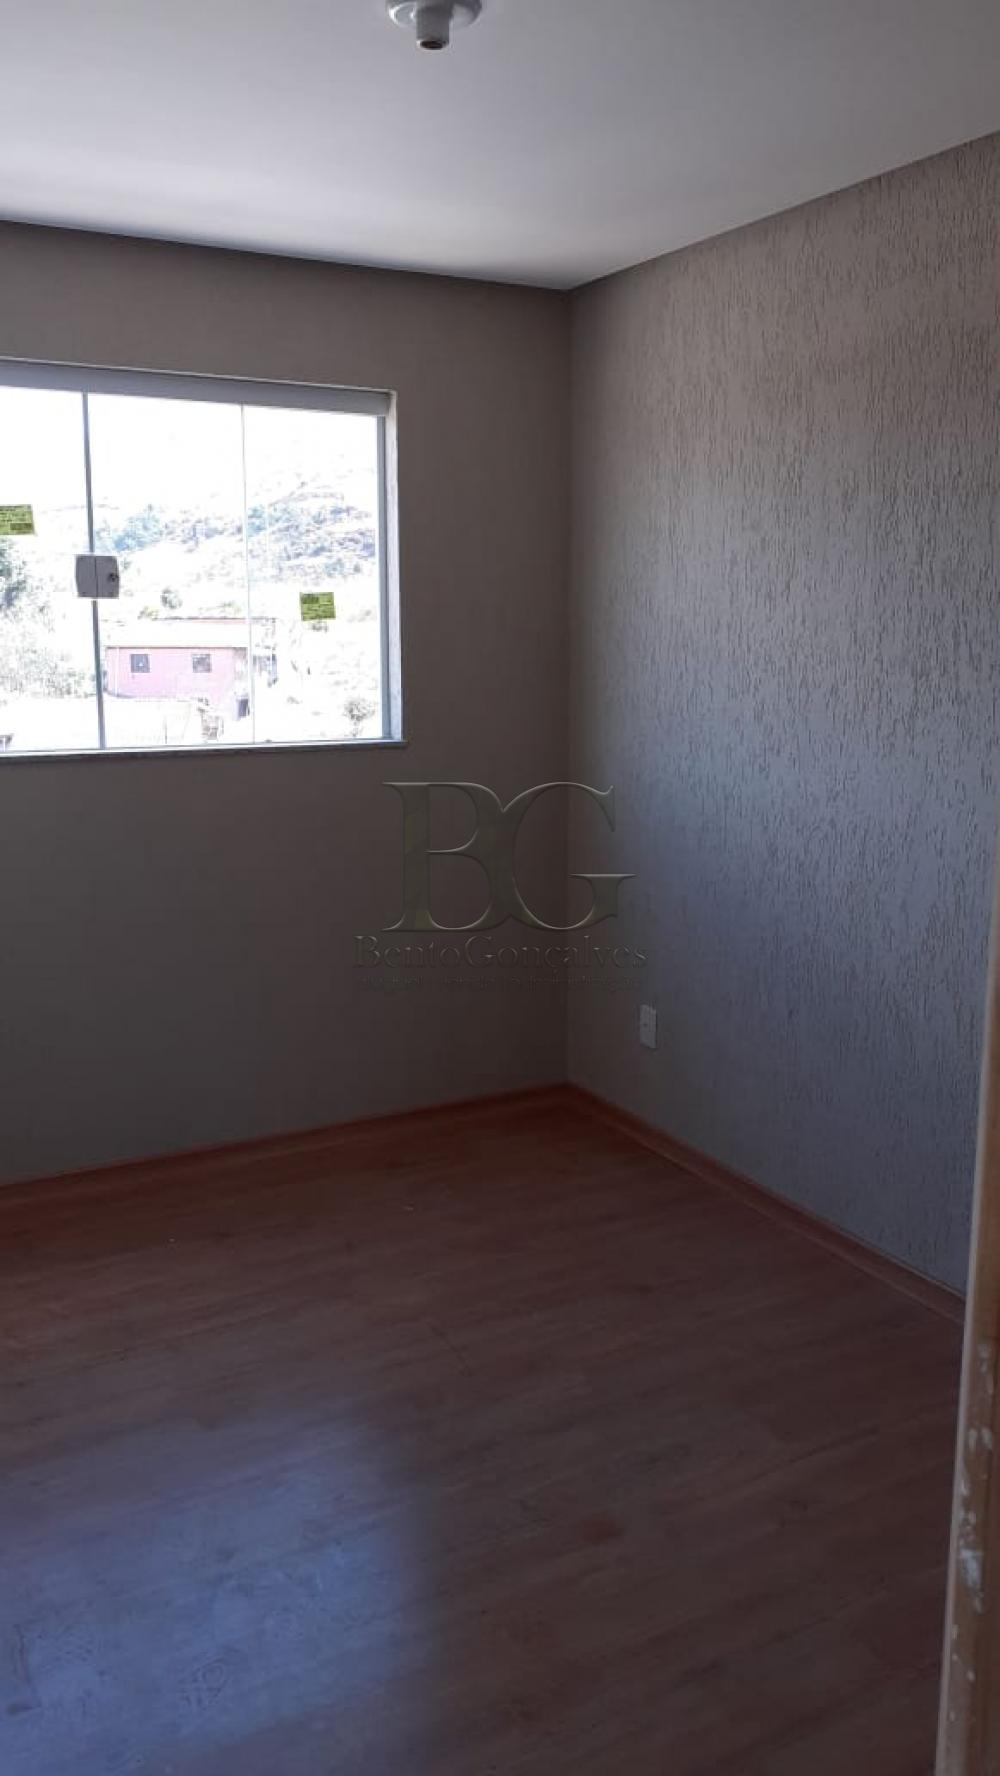 Comprar Apartamentos / Padrão em Poços de Caldas R$ 170.000,00 - Foto 7